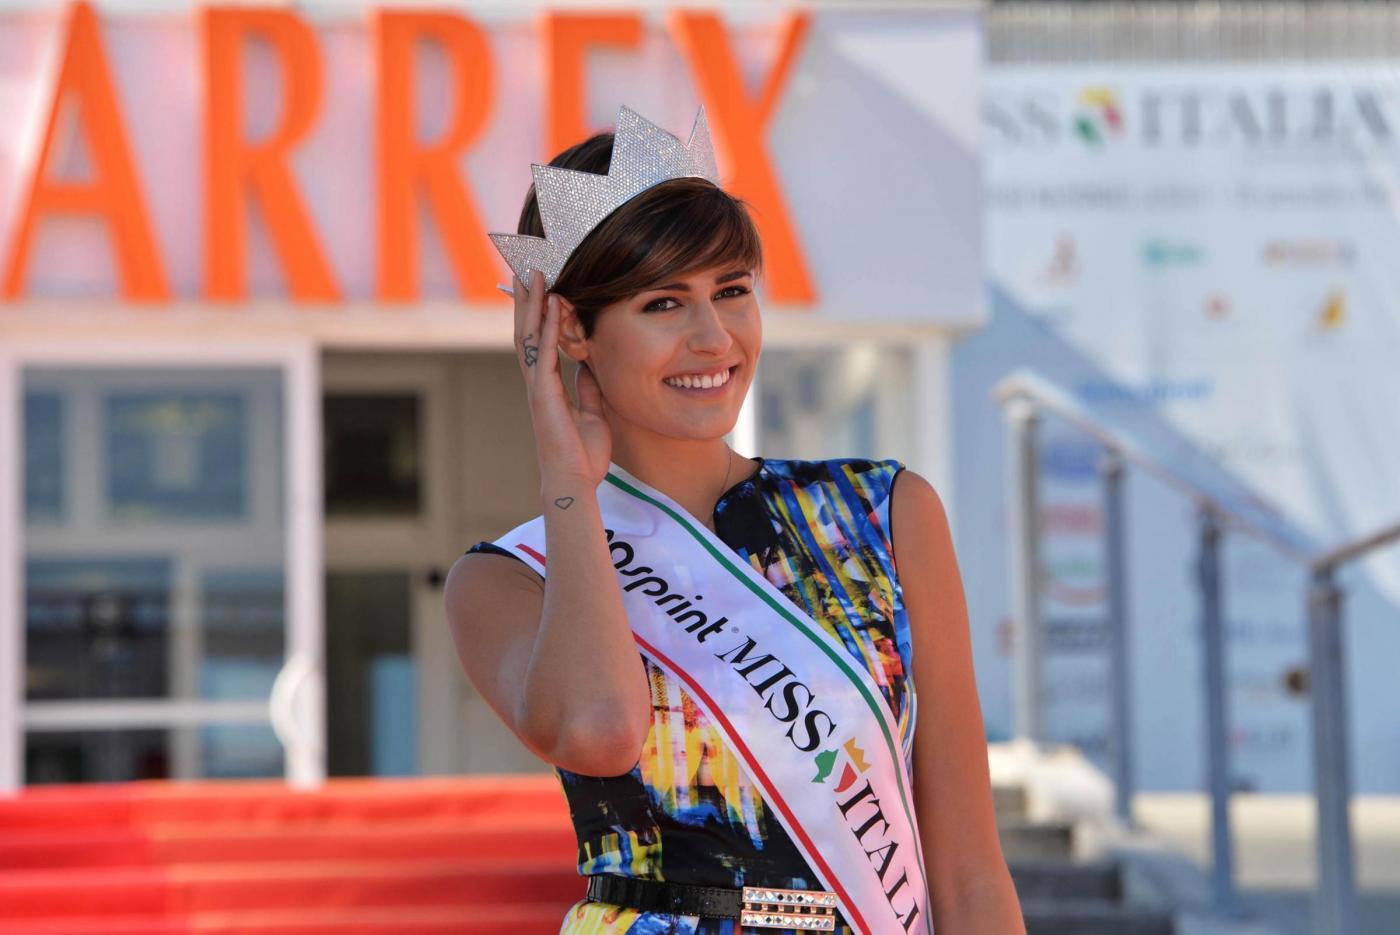 Miss Italia 2015, Alice Sabatini replica dopo la gaffe: 'Non sono riuscita a espormi bene'